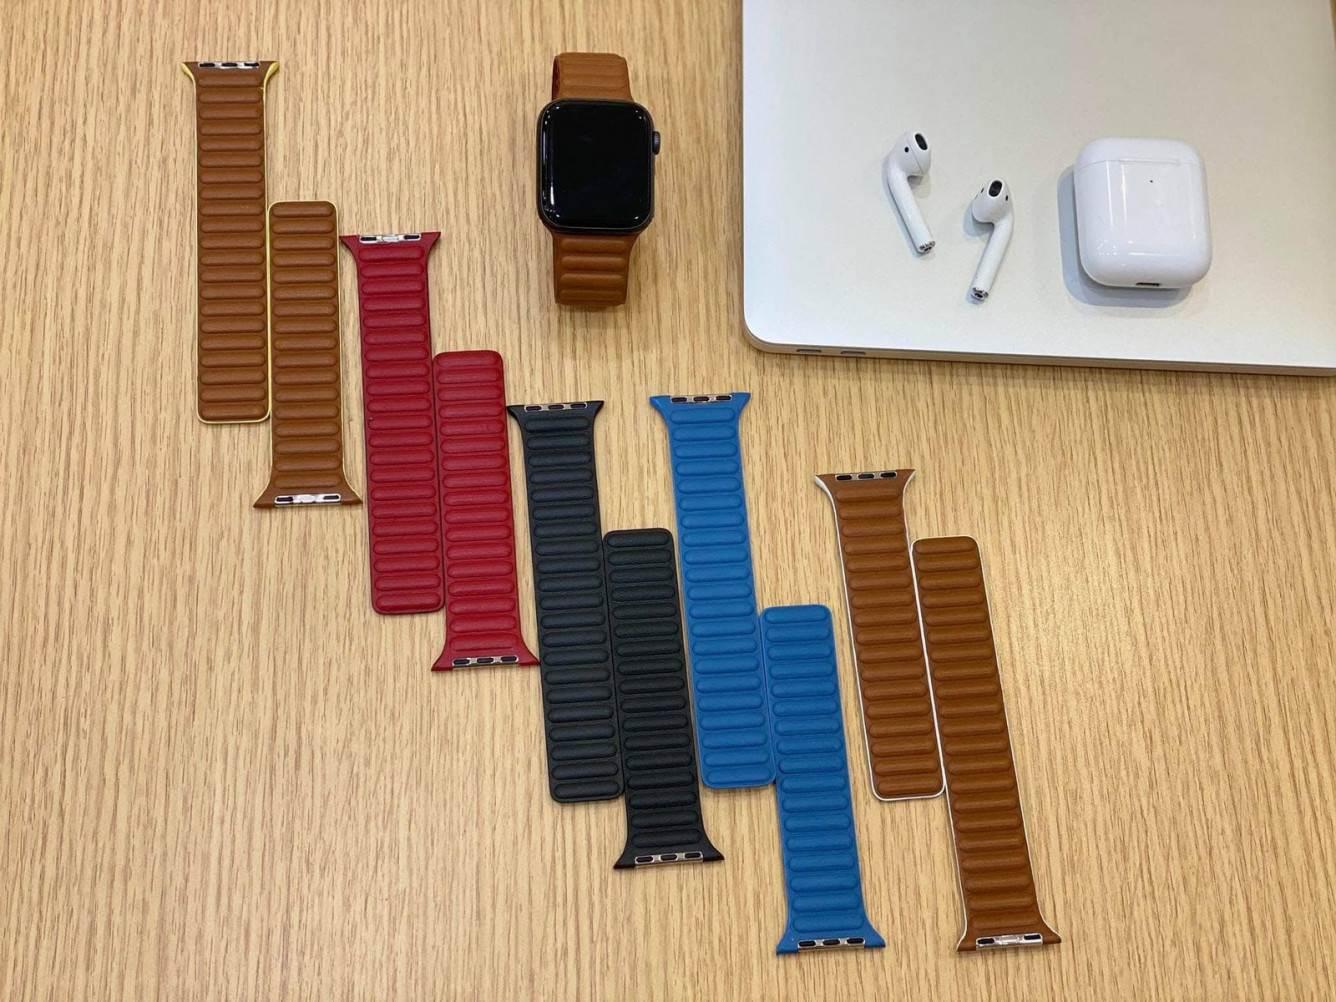 W sieci pojawił się film i zdjęcia nowych skórzanych pasków dla Apple Watch polecane, ciekawostki Wideo, skóra, Apple Watch  Użytkownik Reddit o pseudonimie onewingleft udostępnił zdjęcia nowych skórzanych pasków do zegarka Apple Watch, które firma może wprowadzić w przyszłym miesiącu. applewatchleakedband1